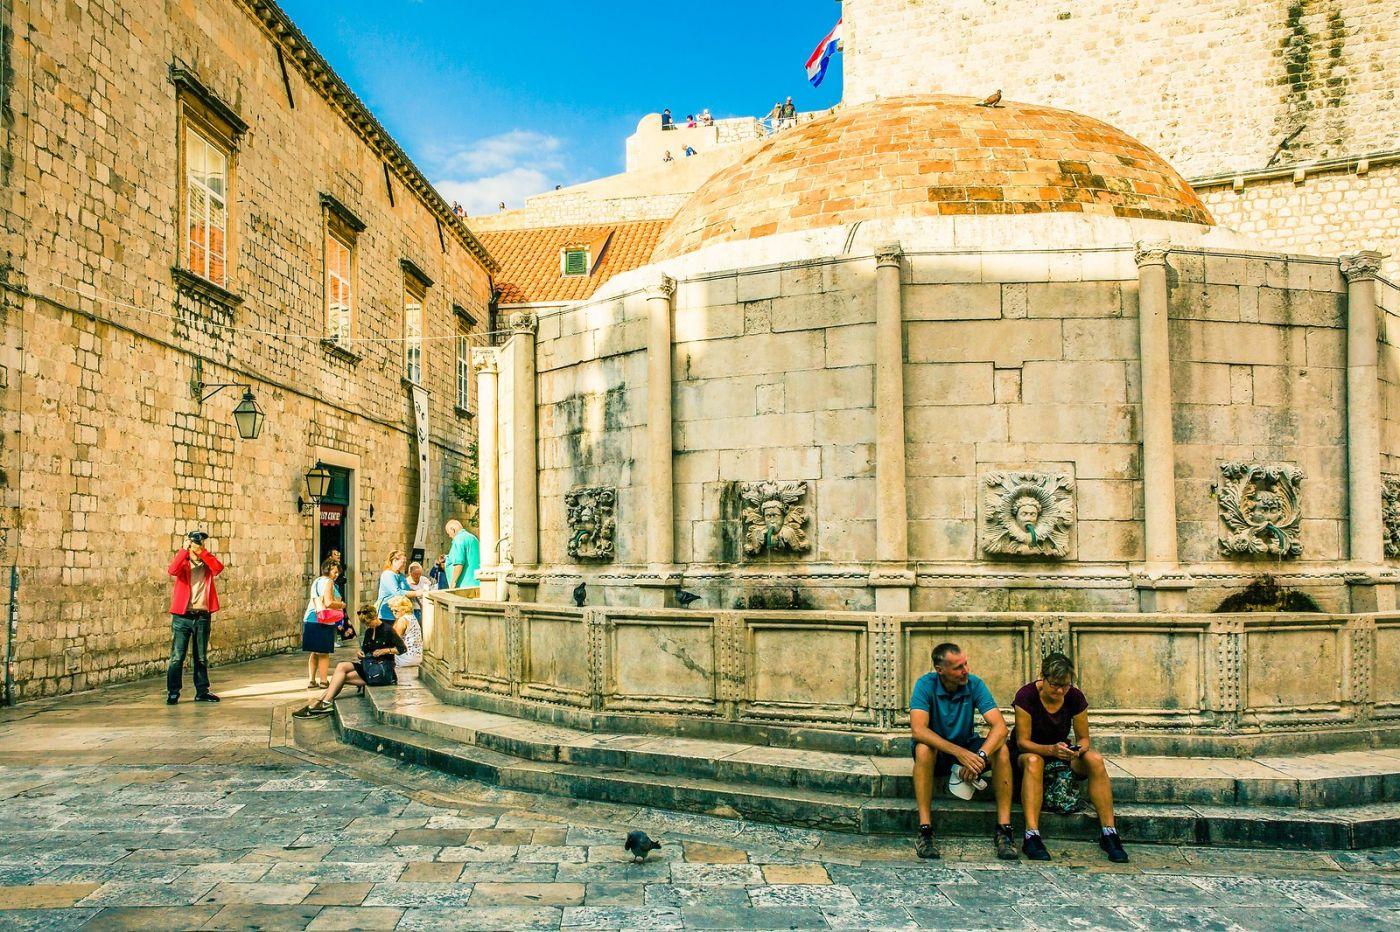 克罗地亚杜布罗夫尼克(Dubrovnik),古城小巷_图1-11